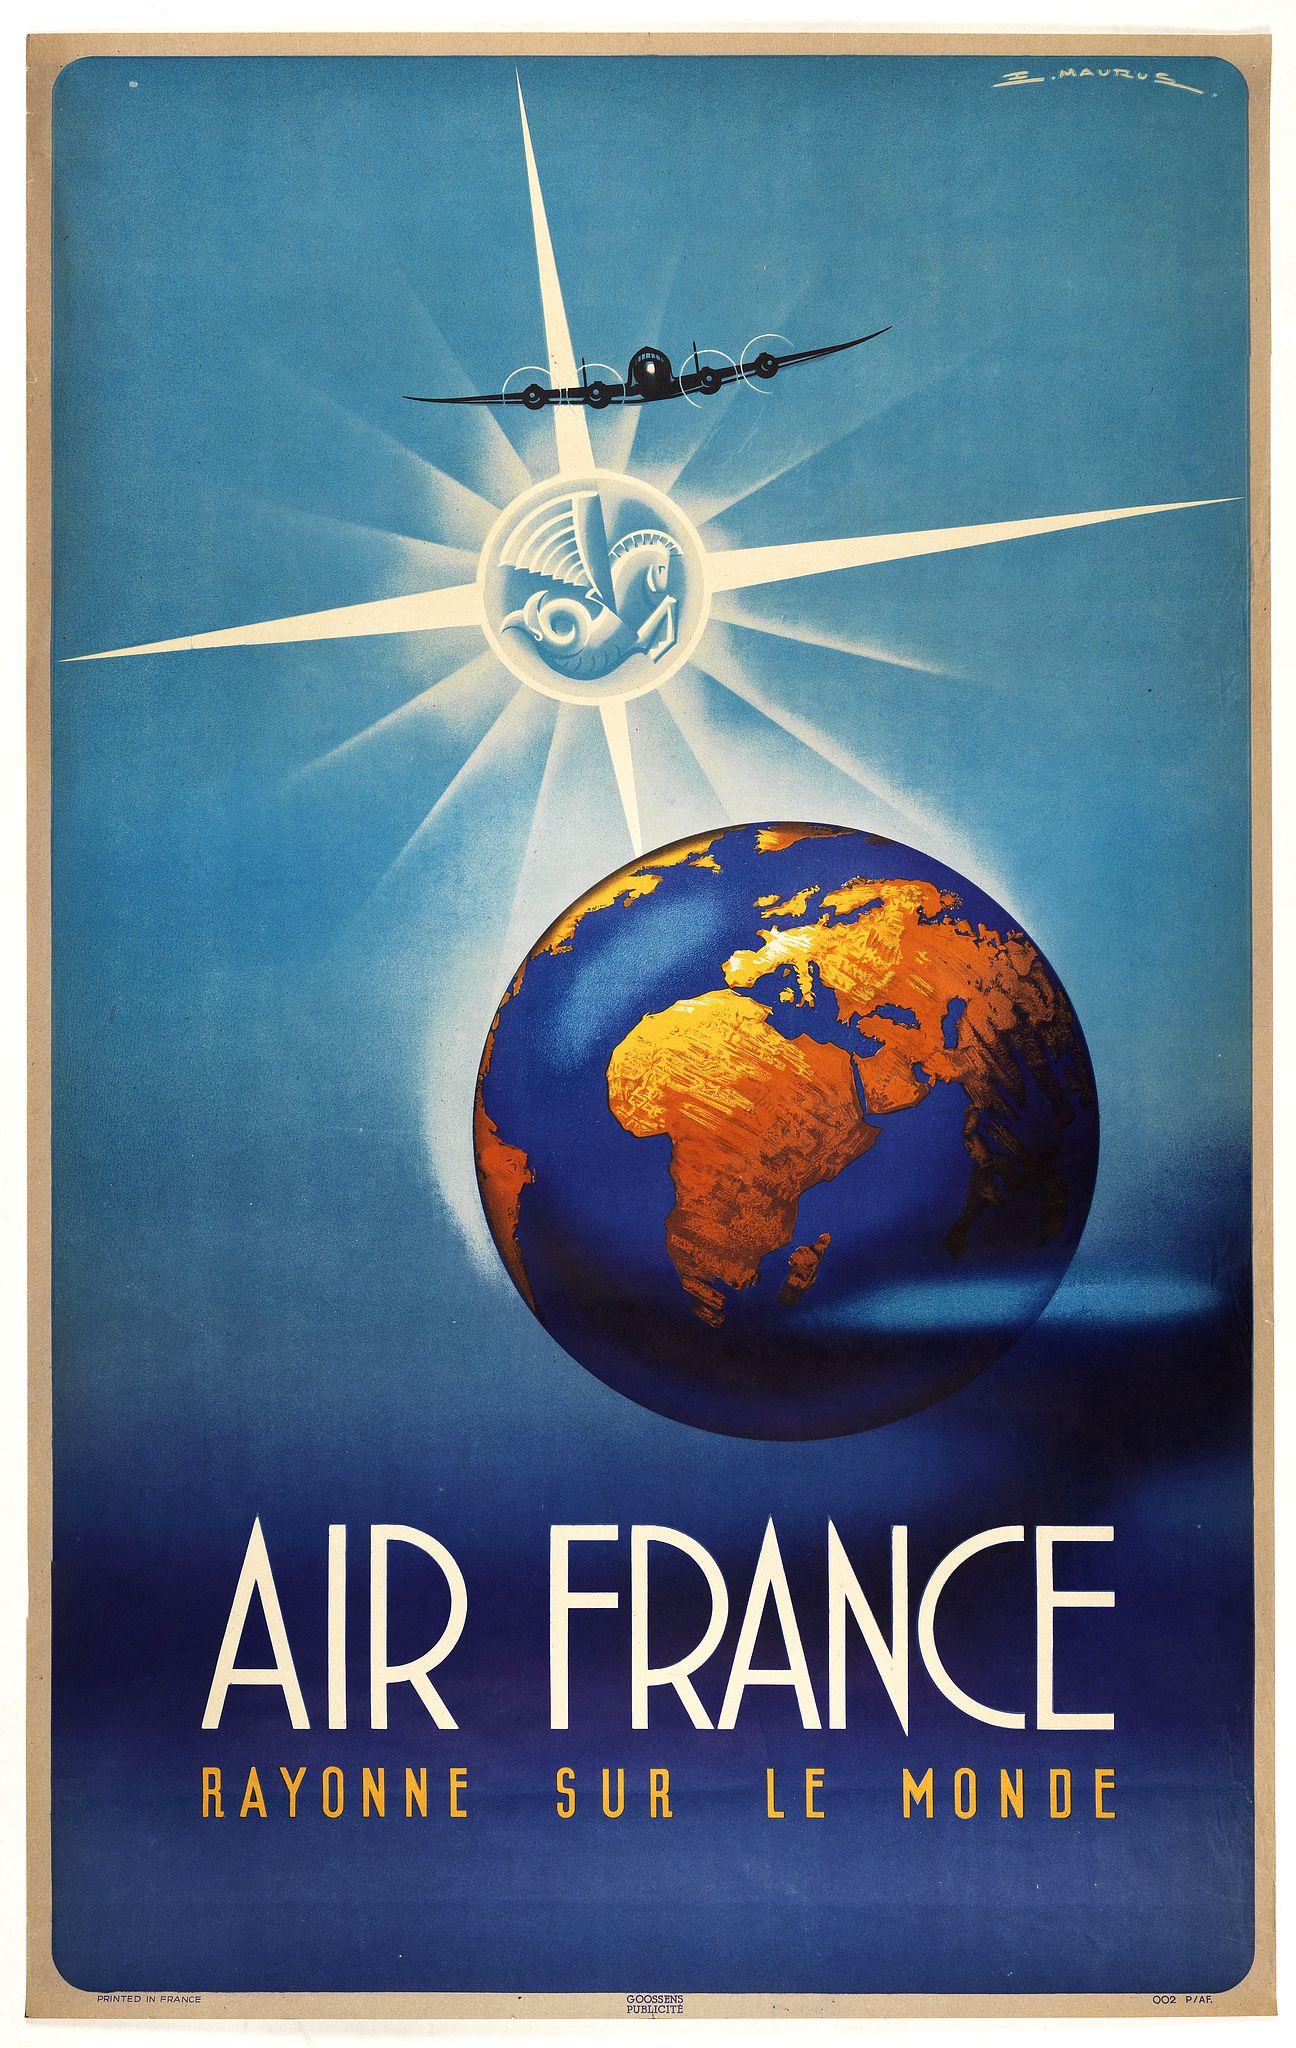 MAURUS.  -  Air France Rayonne sur le monde.